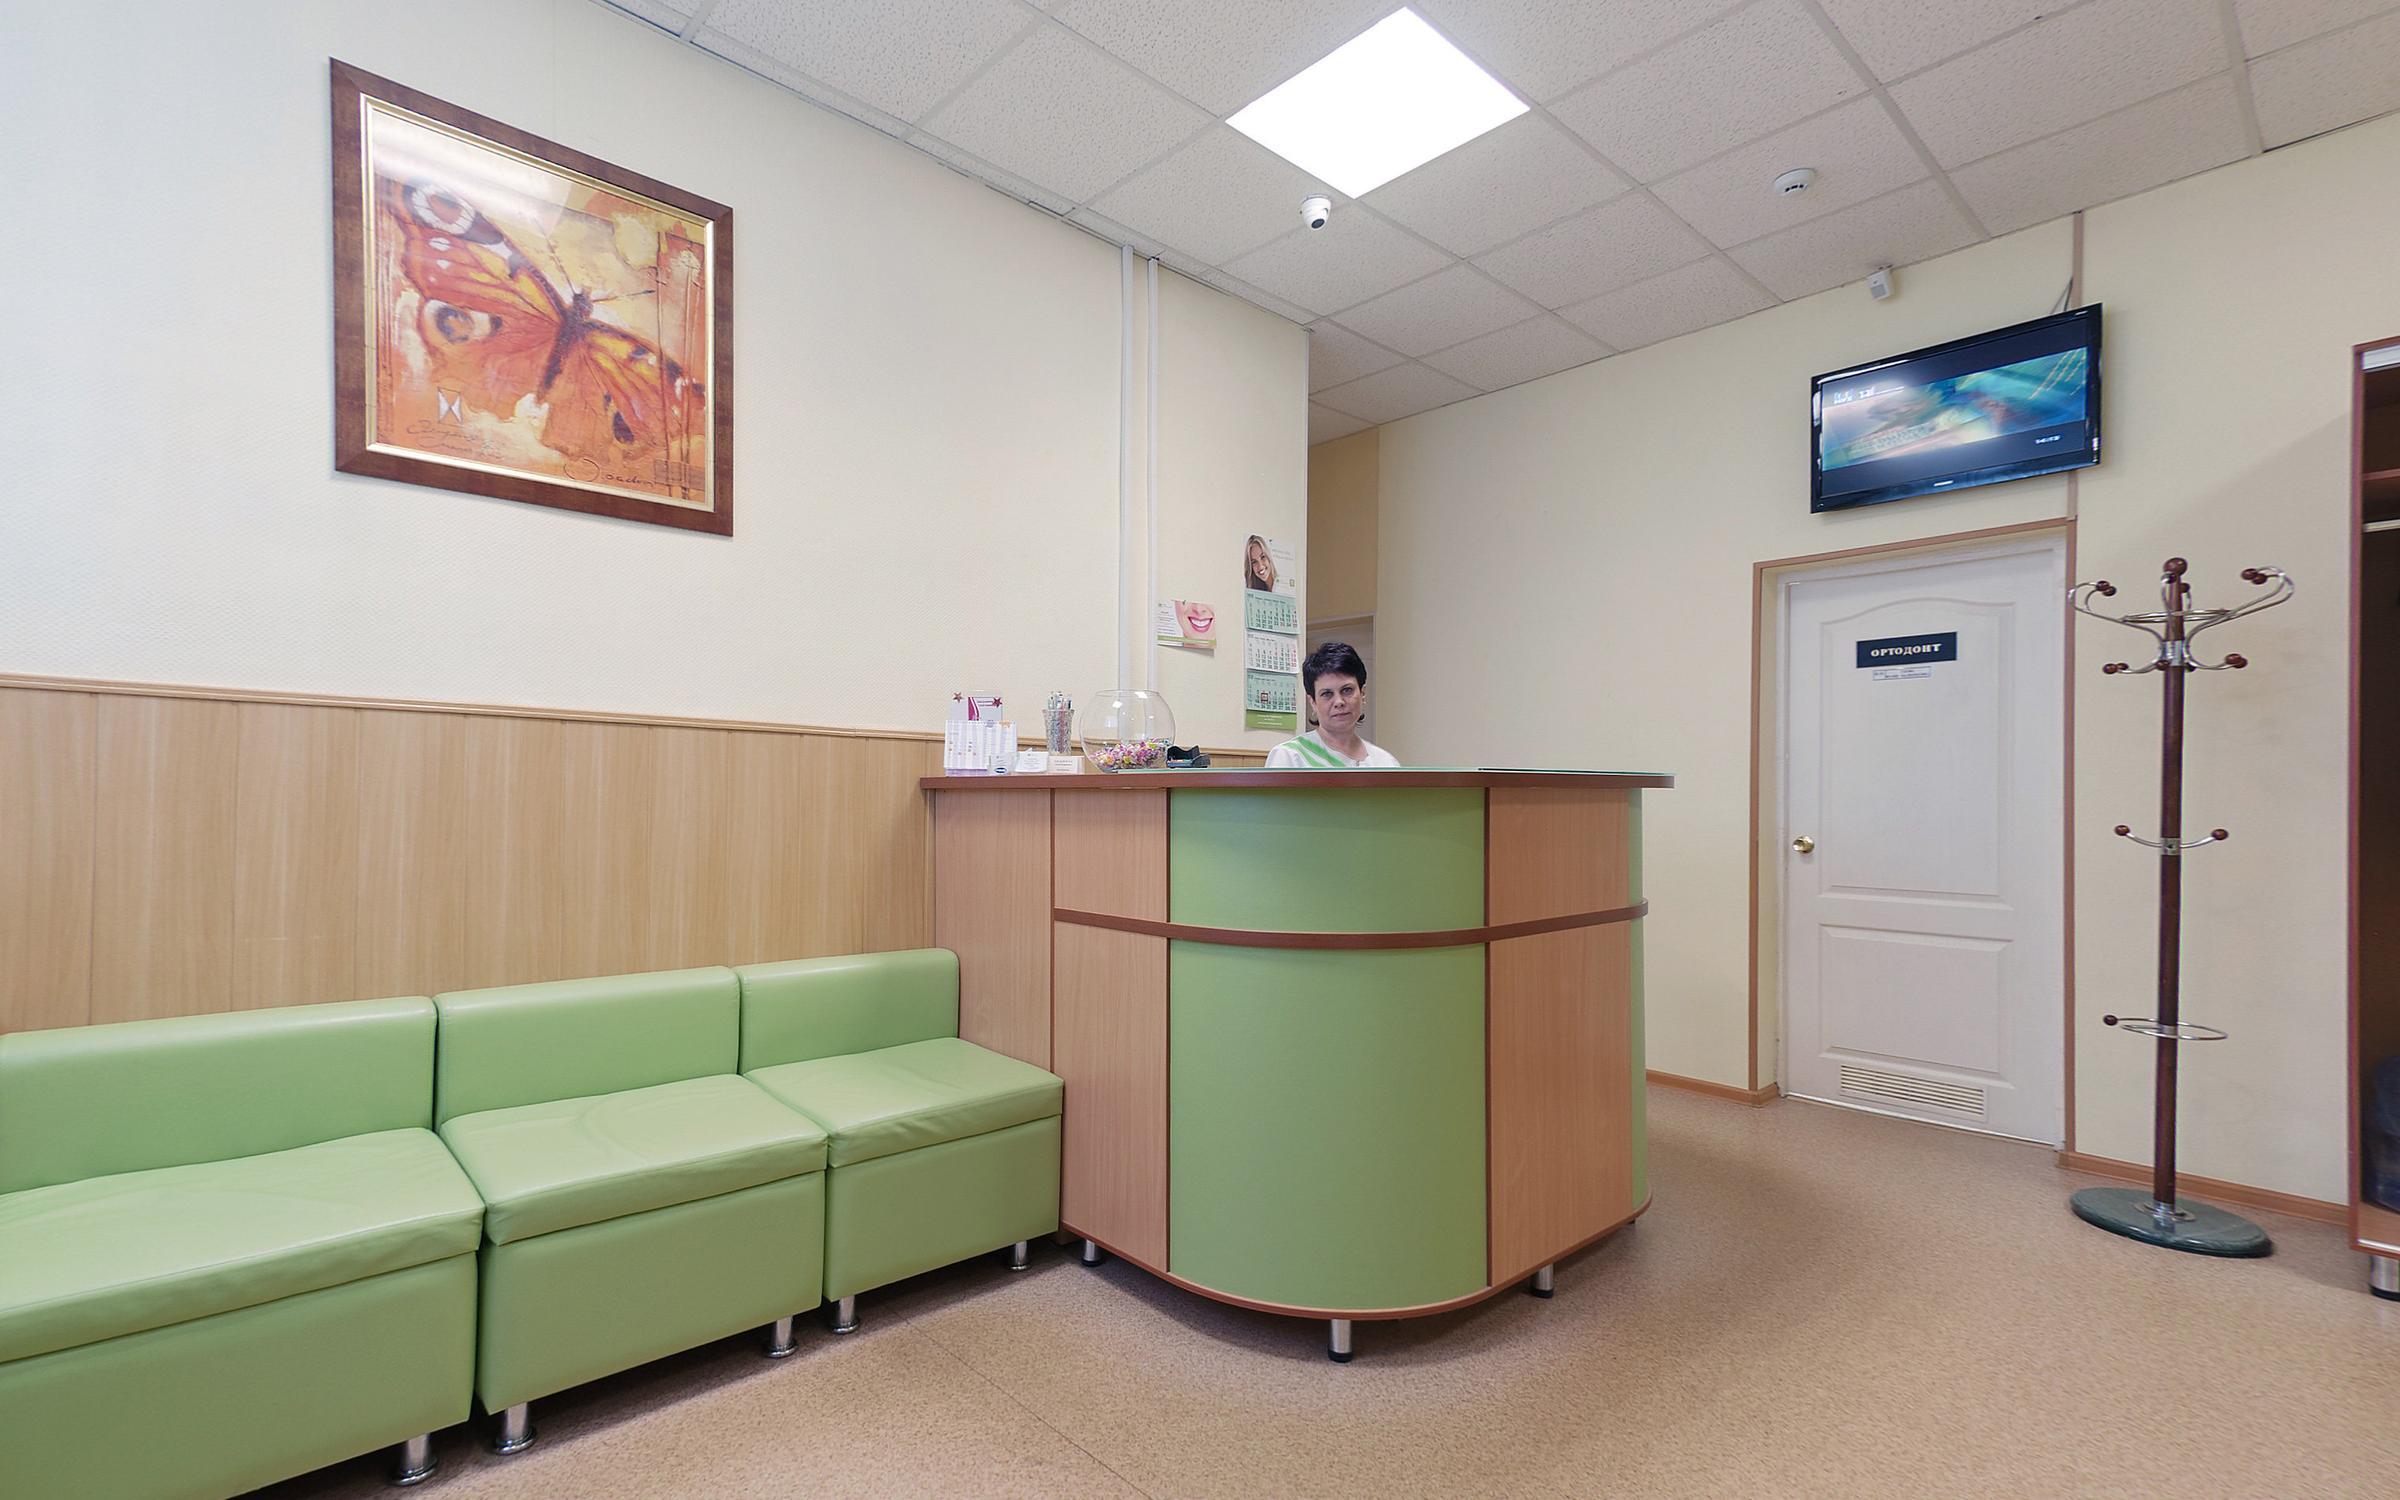 фотография Стоматологической клиники Ваша стоматология